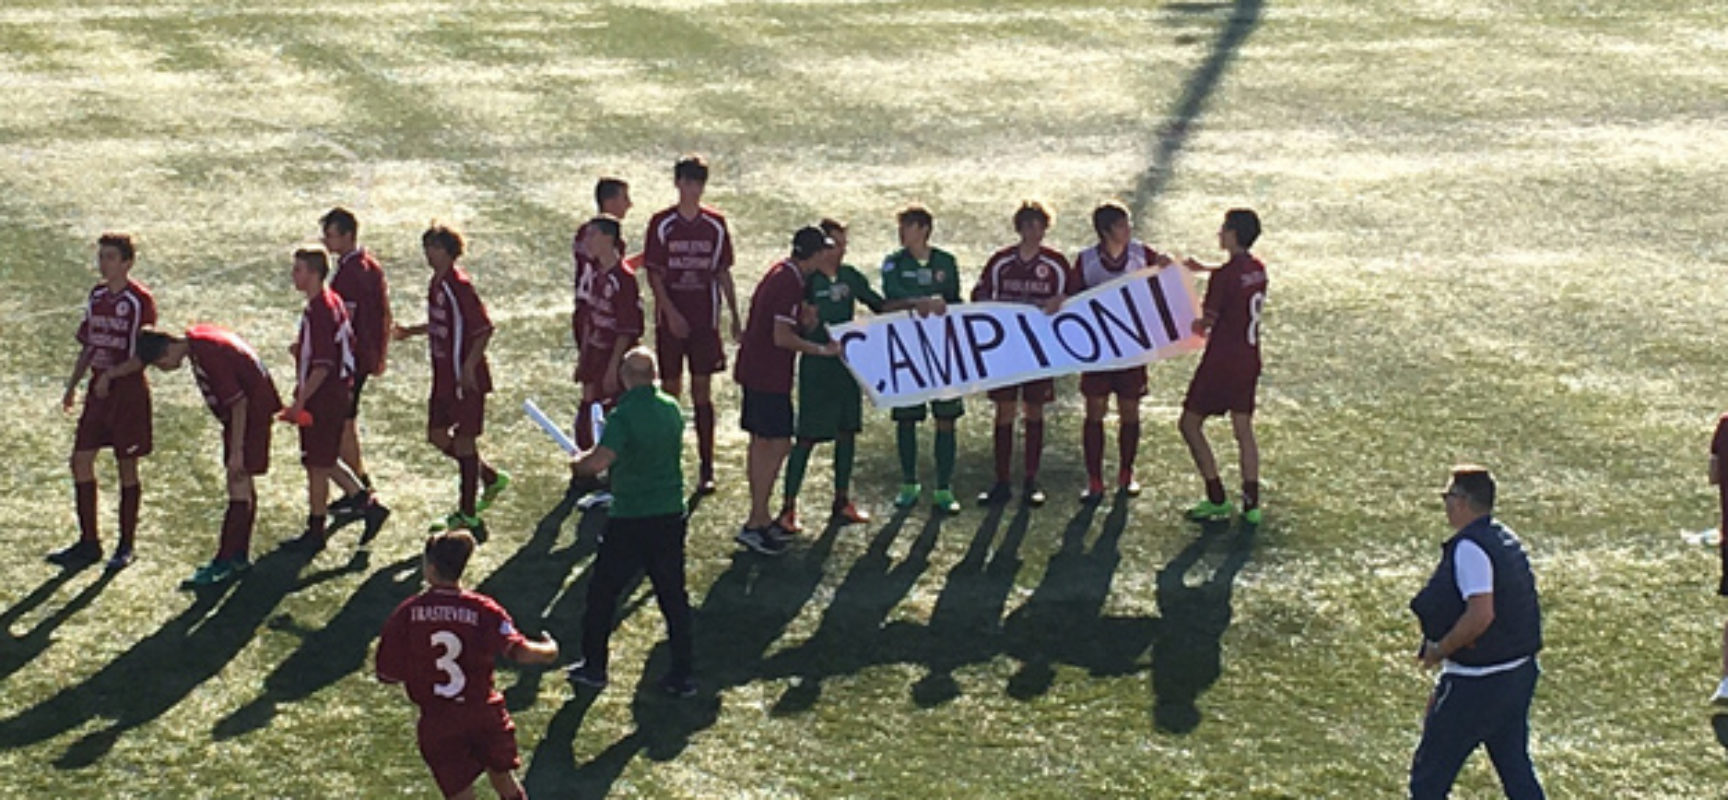 Trastevere campione Allievi Fascia B Provinciali! 1-2 sul Sabazia; Juniores sconfitta a Sansepolcro, decisivo il ritorno sabato al Trastevere Stadium